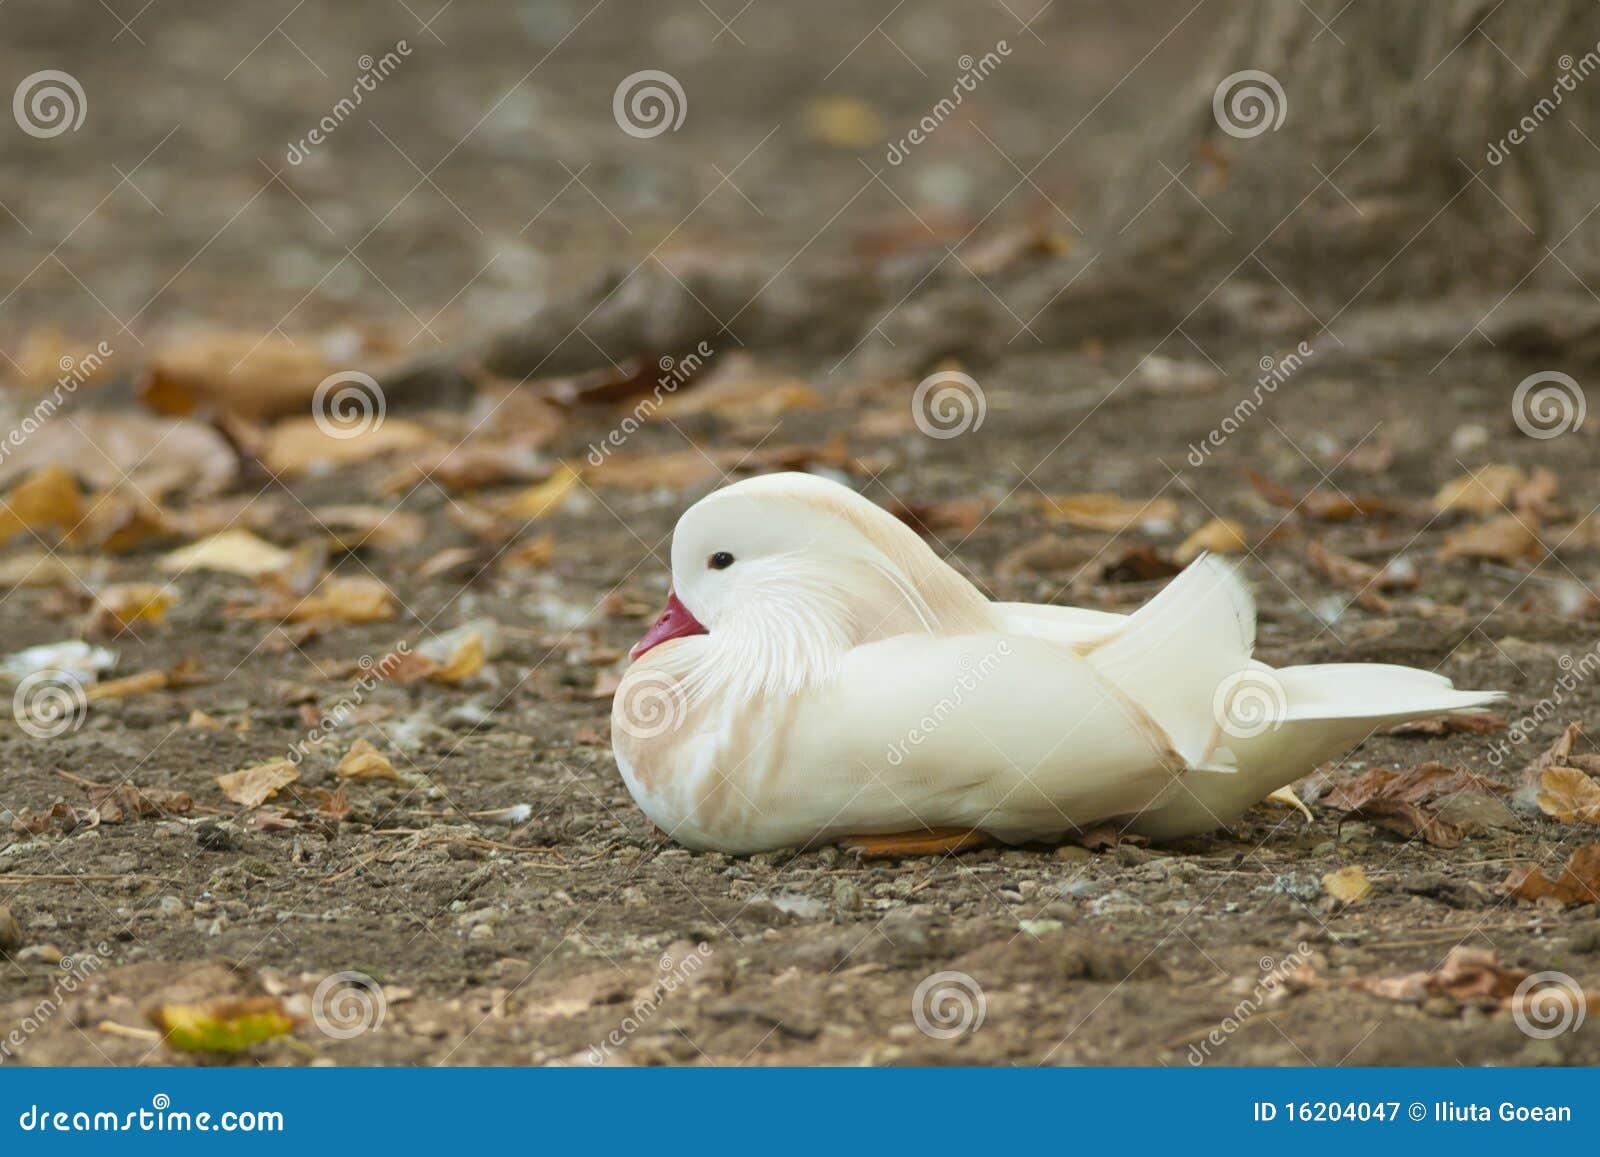 AlbinoMandarinand